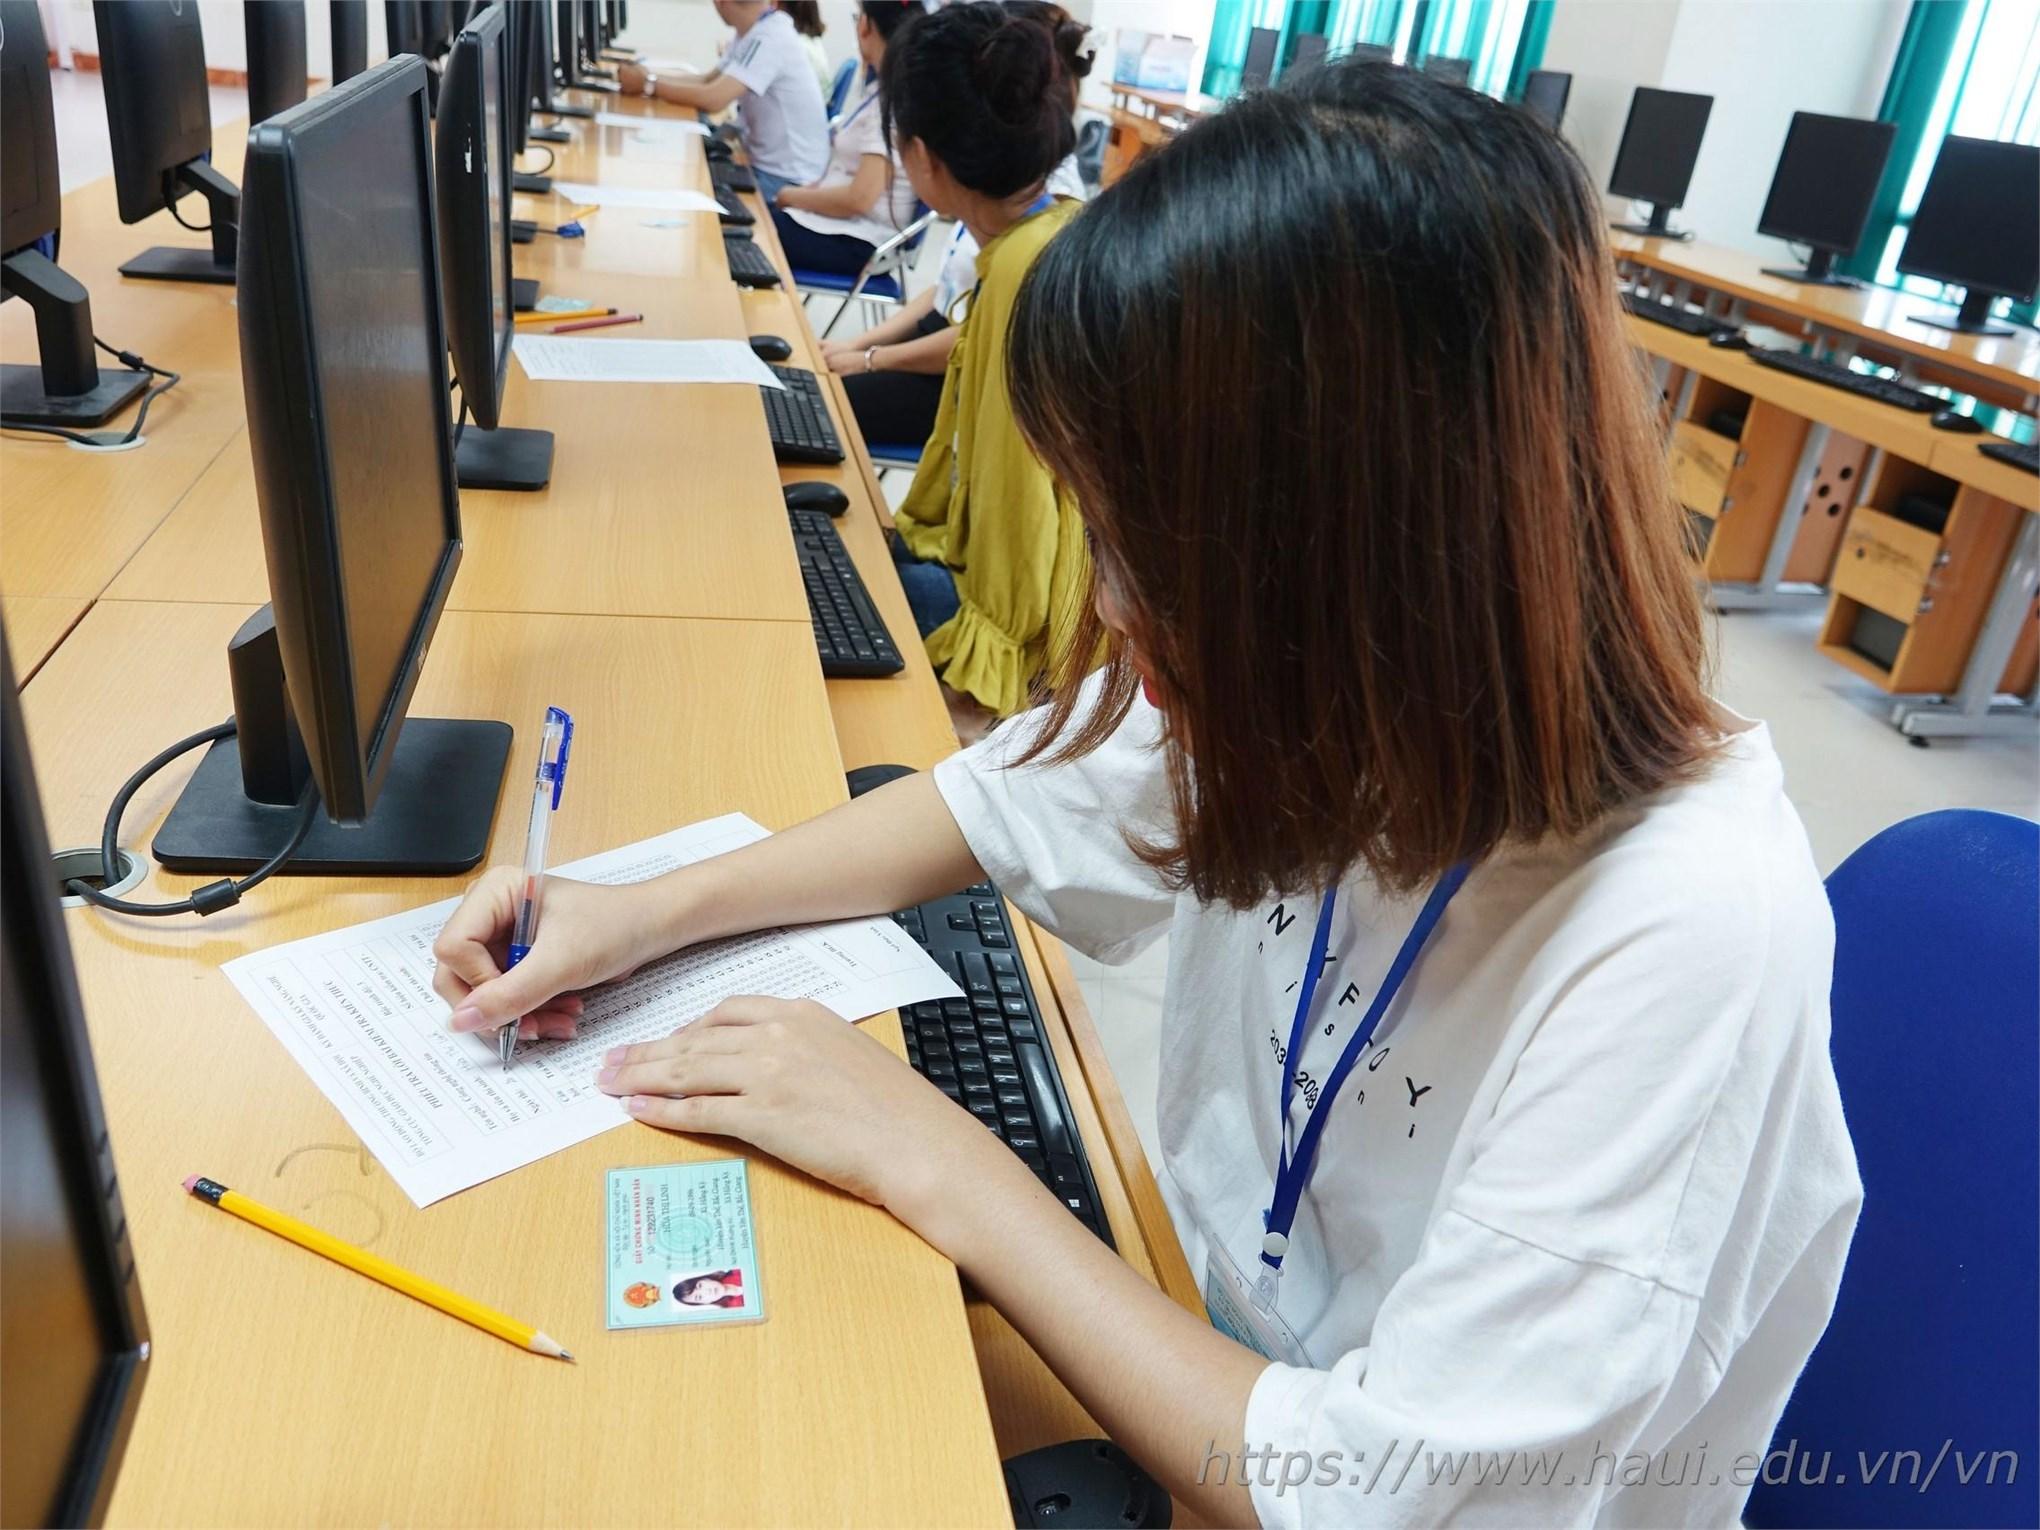 Bạn Hứa Thị Linh – Thí dự dự thi đánh giá nghề Công nghệ thông tin hoàn tất thông tin trước giờ thi